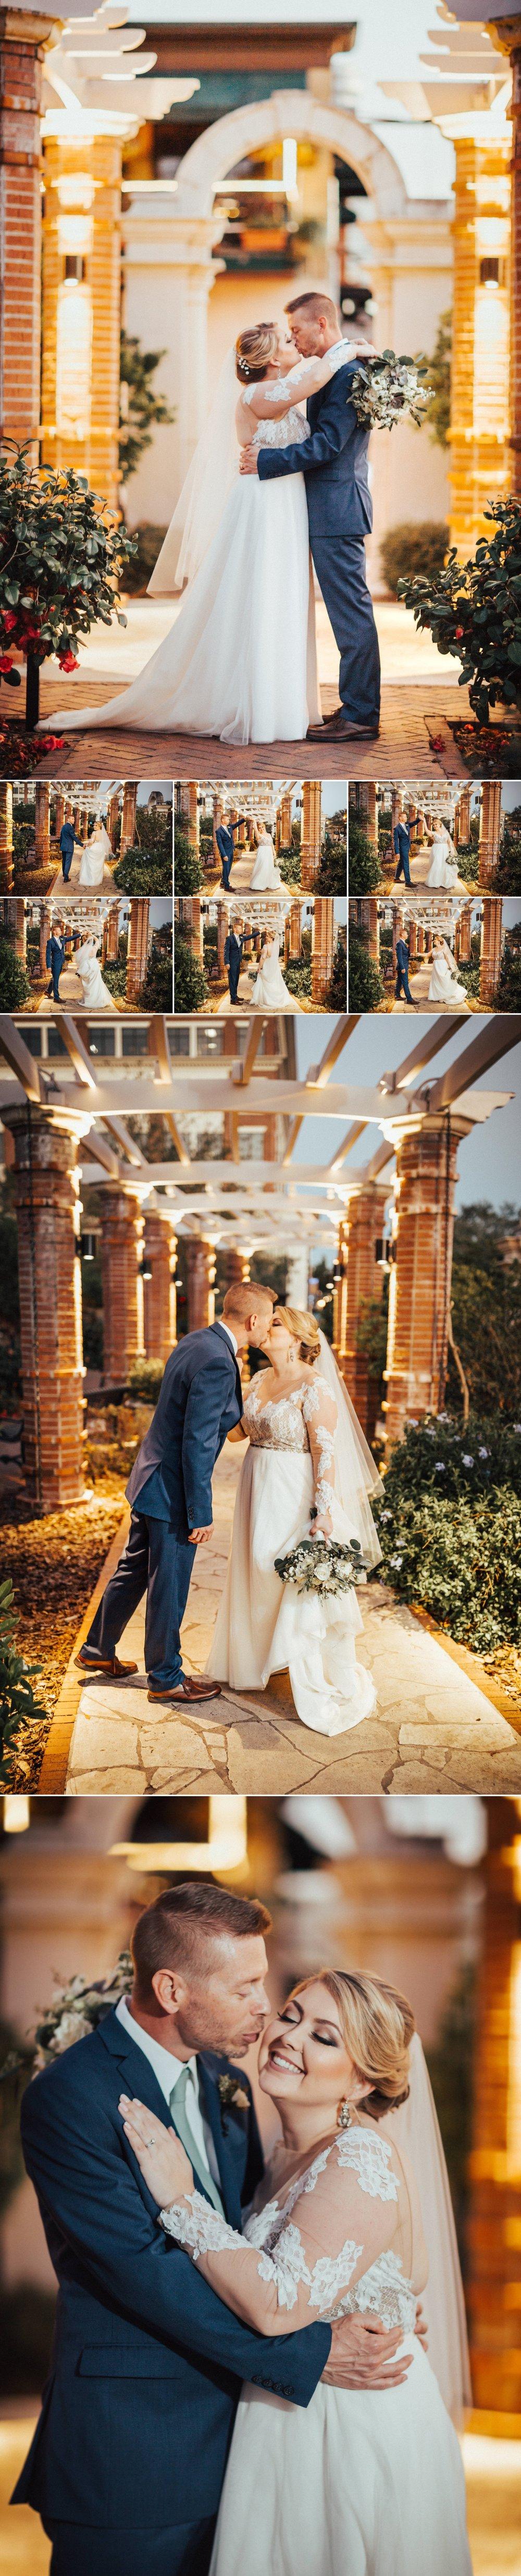 Winter Park Wedding Photography Rose Garden Bride & Groom Photos